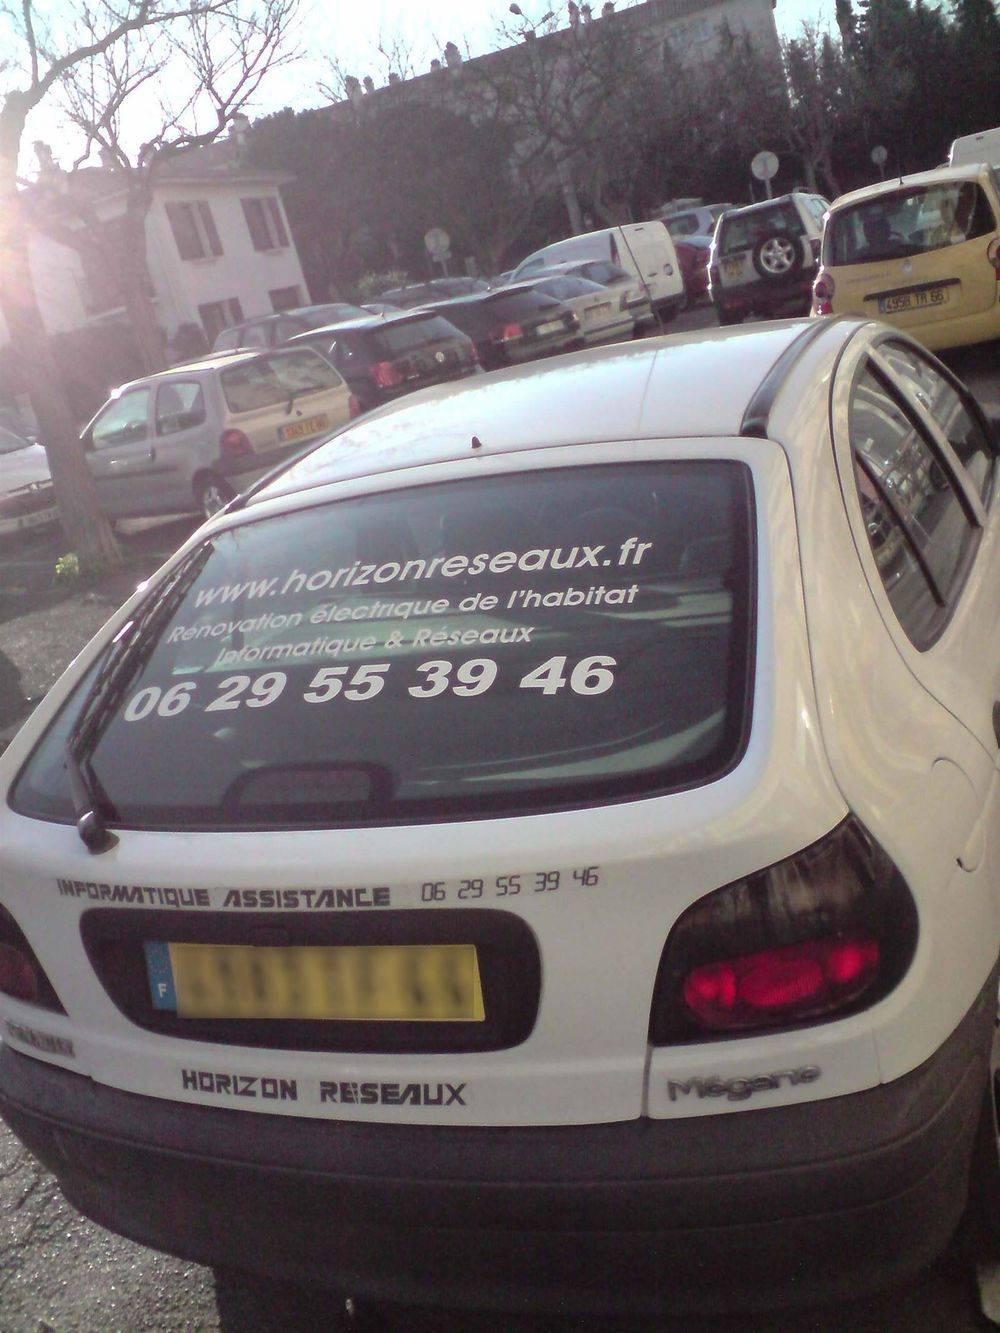 La voiture technique Horizon Réseaux Perpignan po.